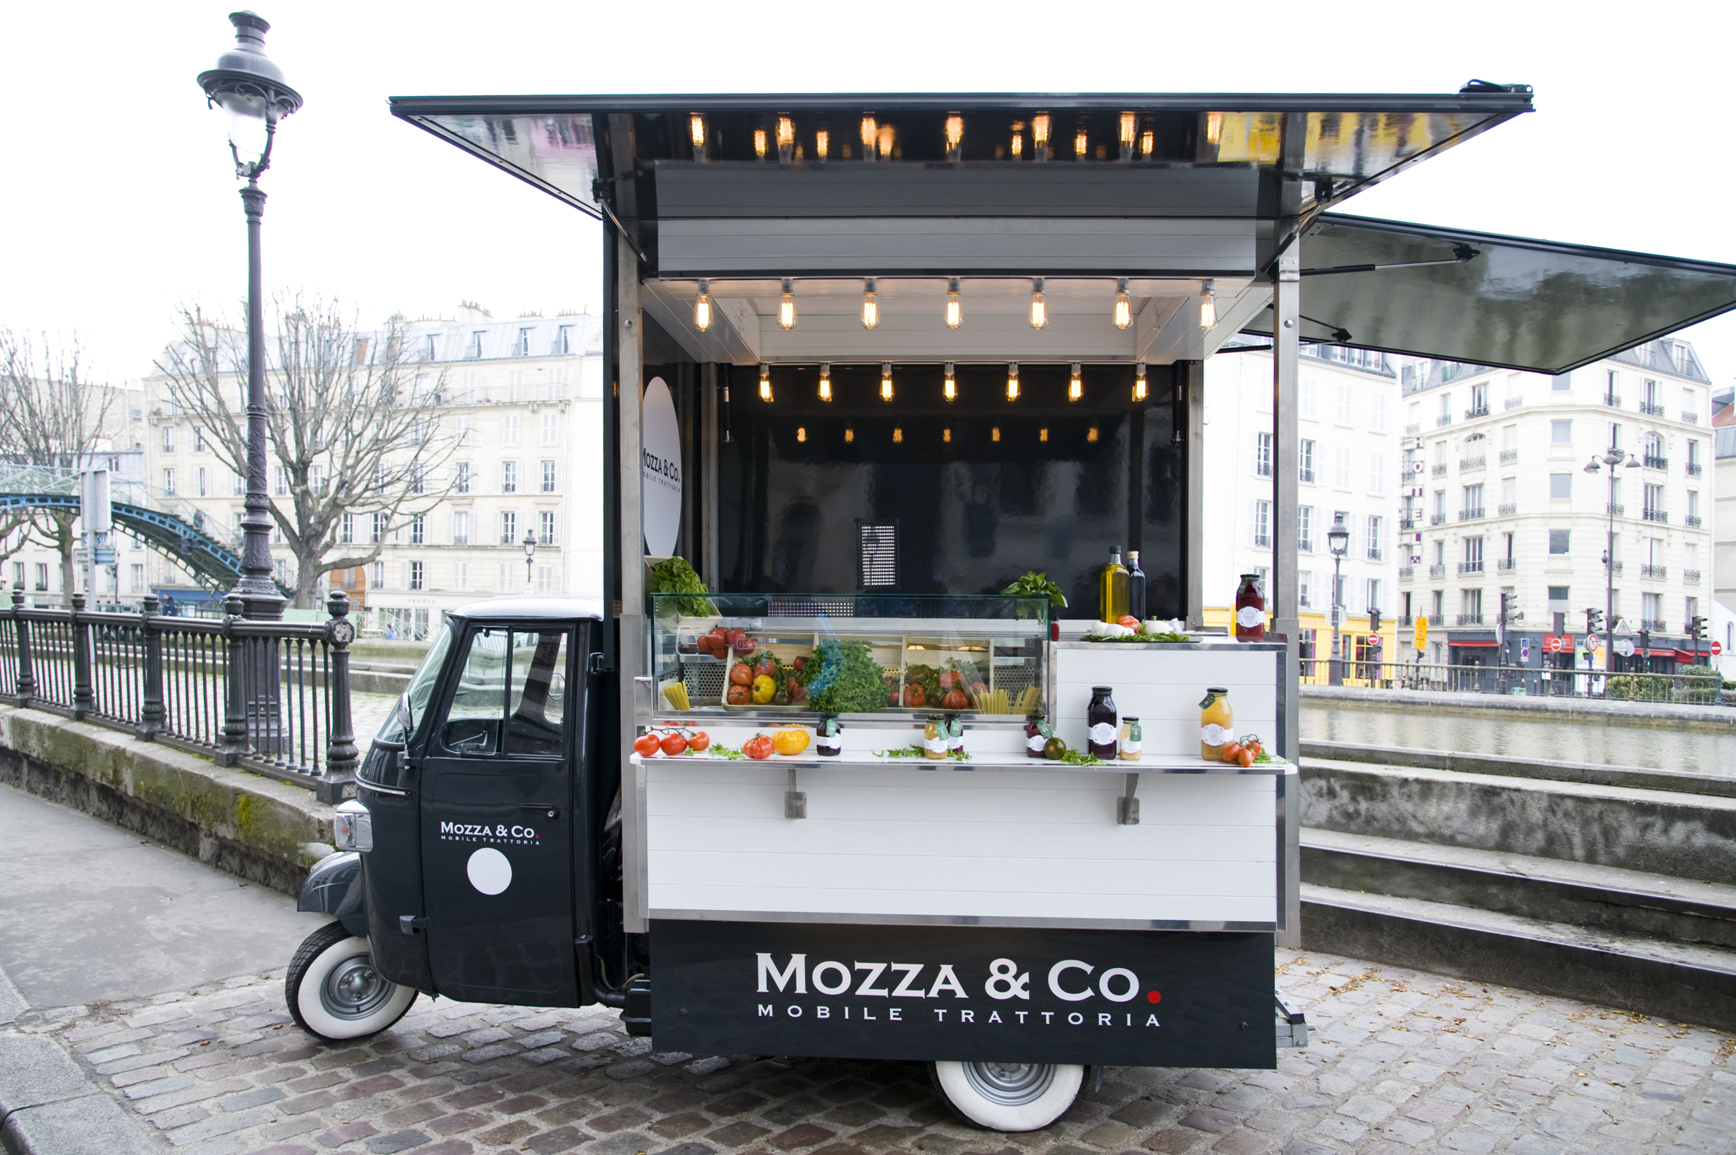 Chez Mozza & Co